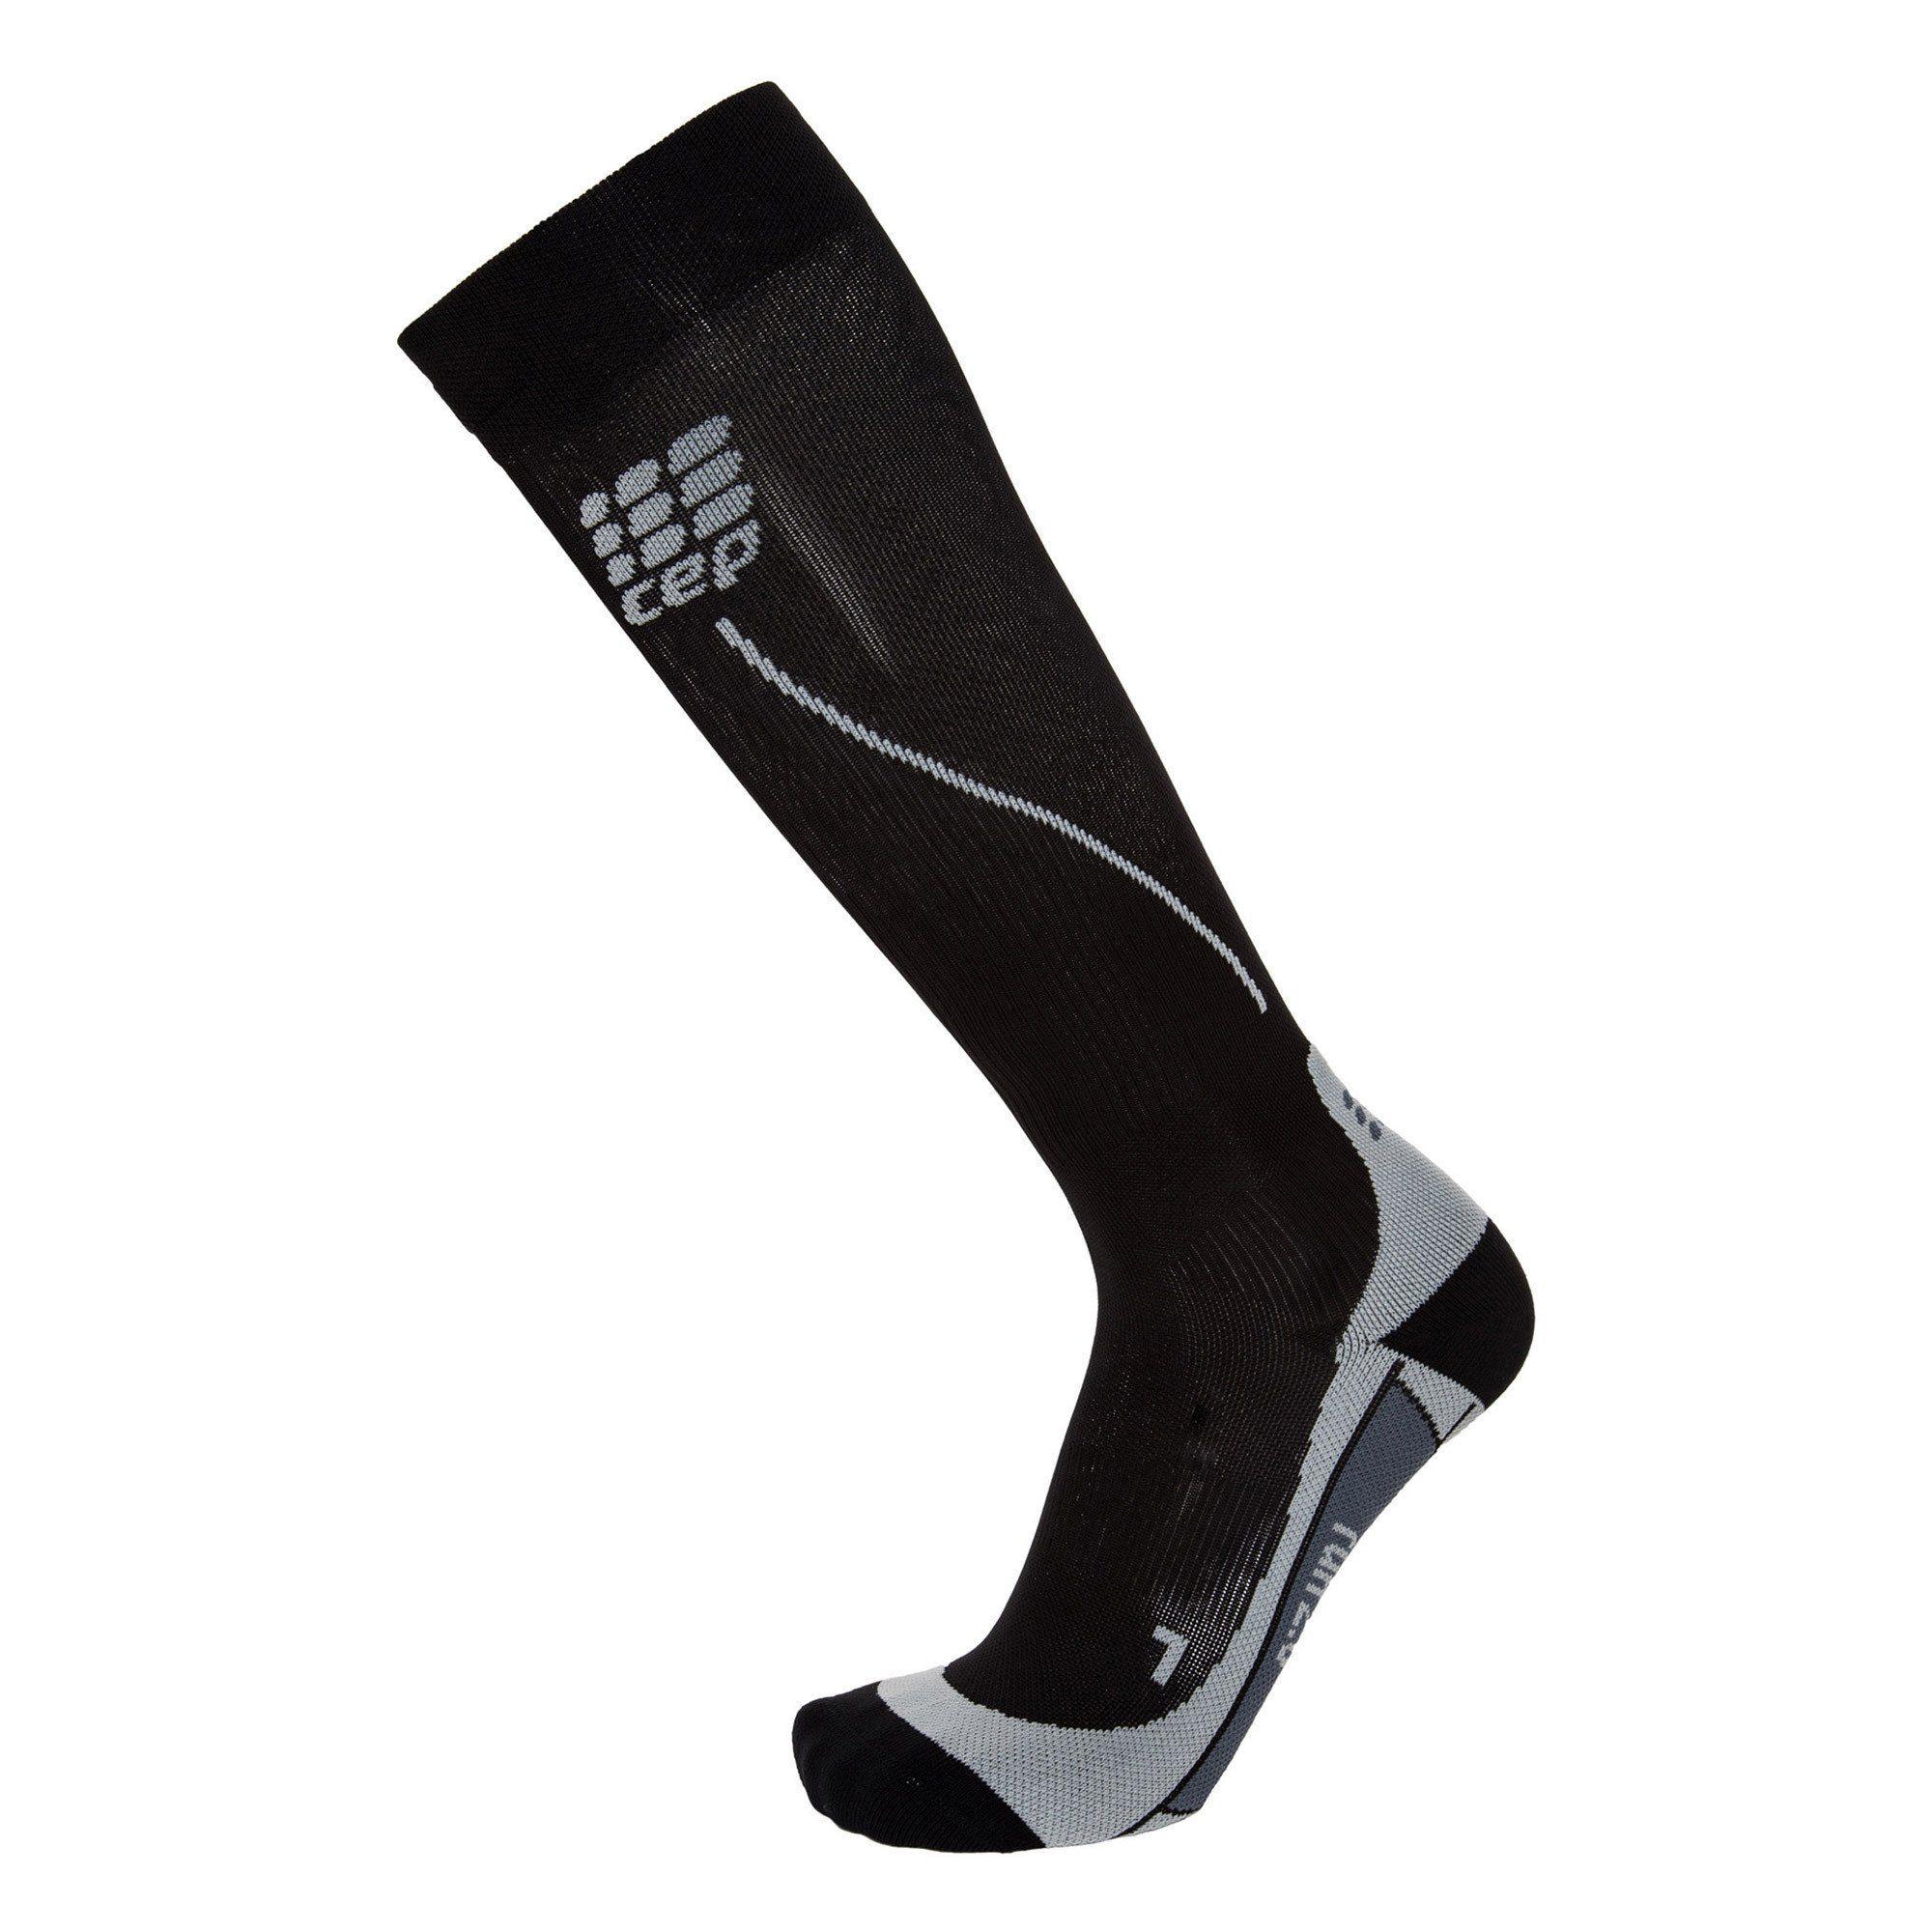 Leistungssportbekleidung Preis abwechslungsreiche neueste Designs CEP Strümpfe »CEP Run Socks 2.0 Kompressionssocken Damen«